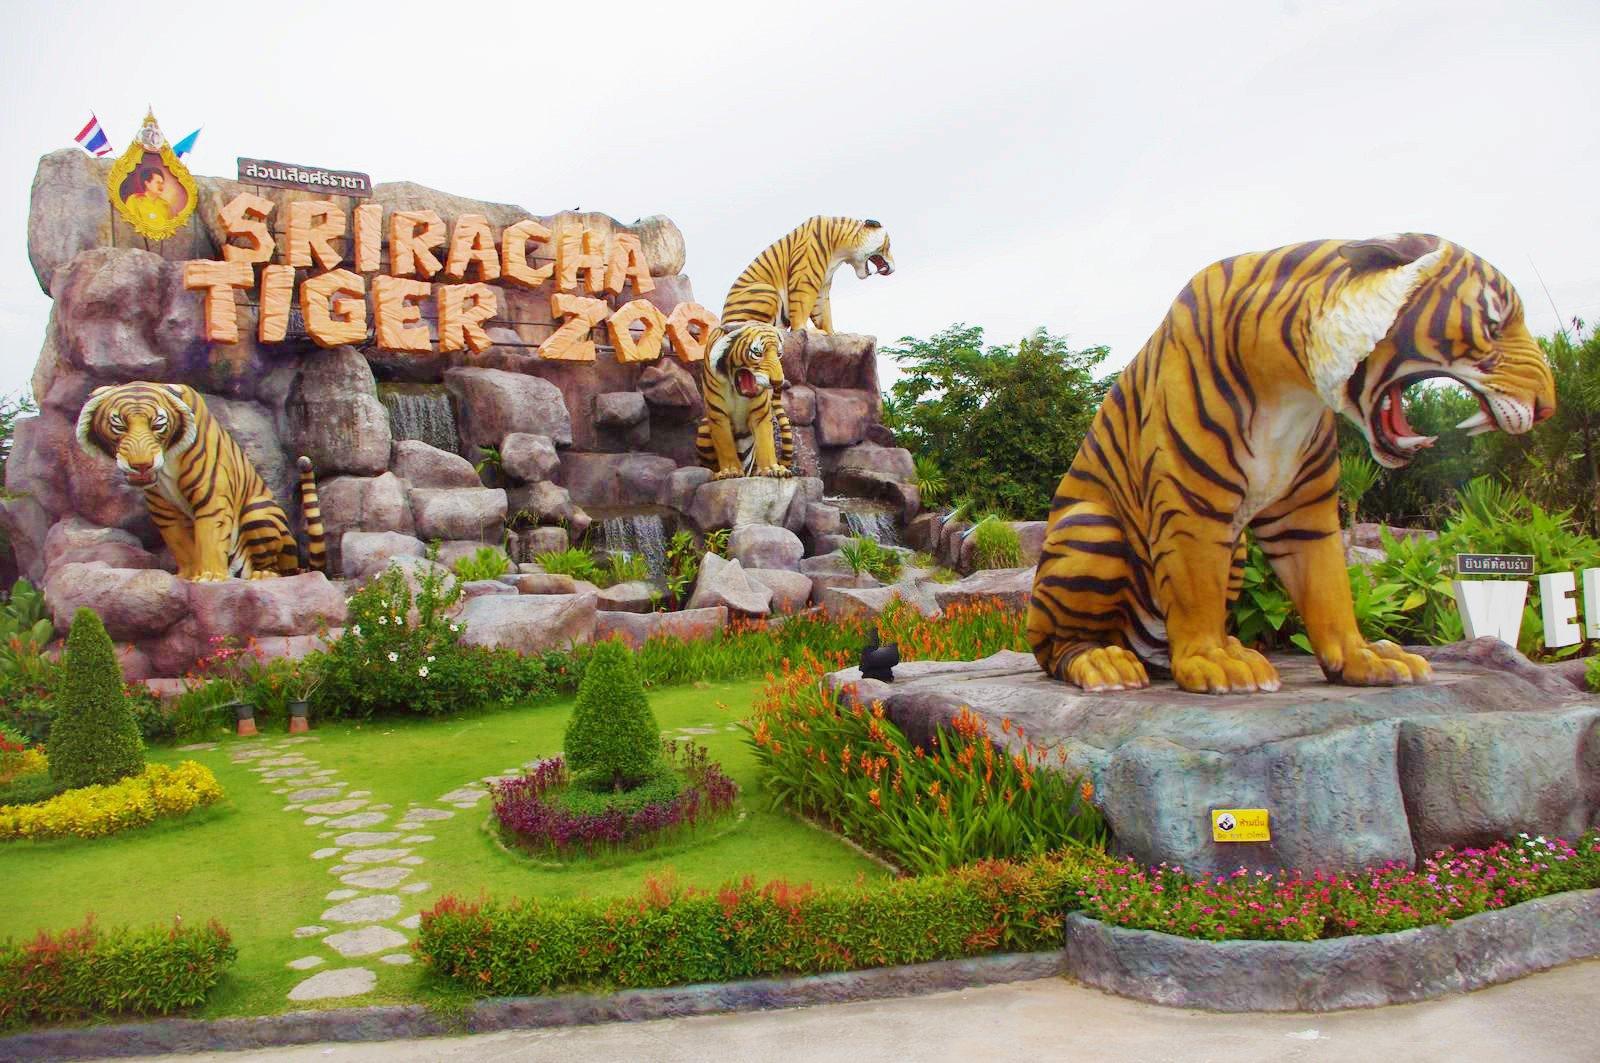 Trại cọp Sriracha (Sriracha Tiger Zoo)